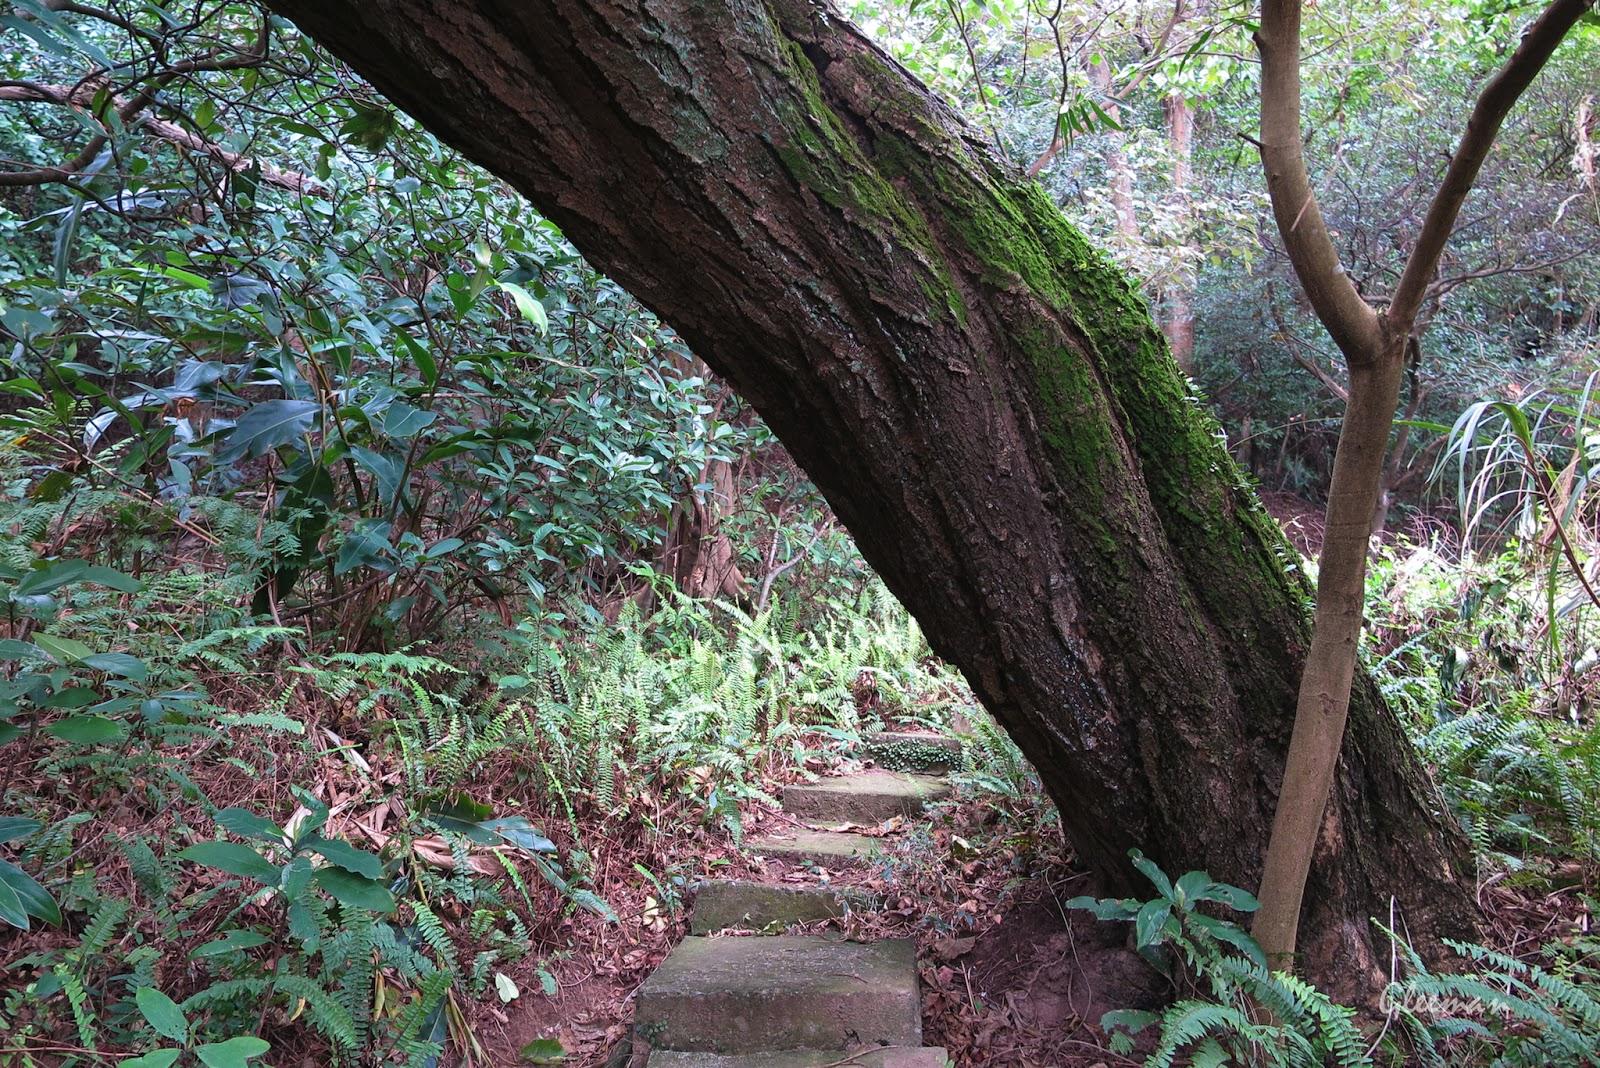 過了這棵巨木後馬上就會接上環山步道